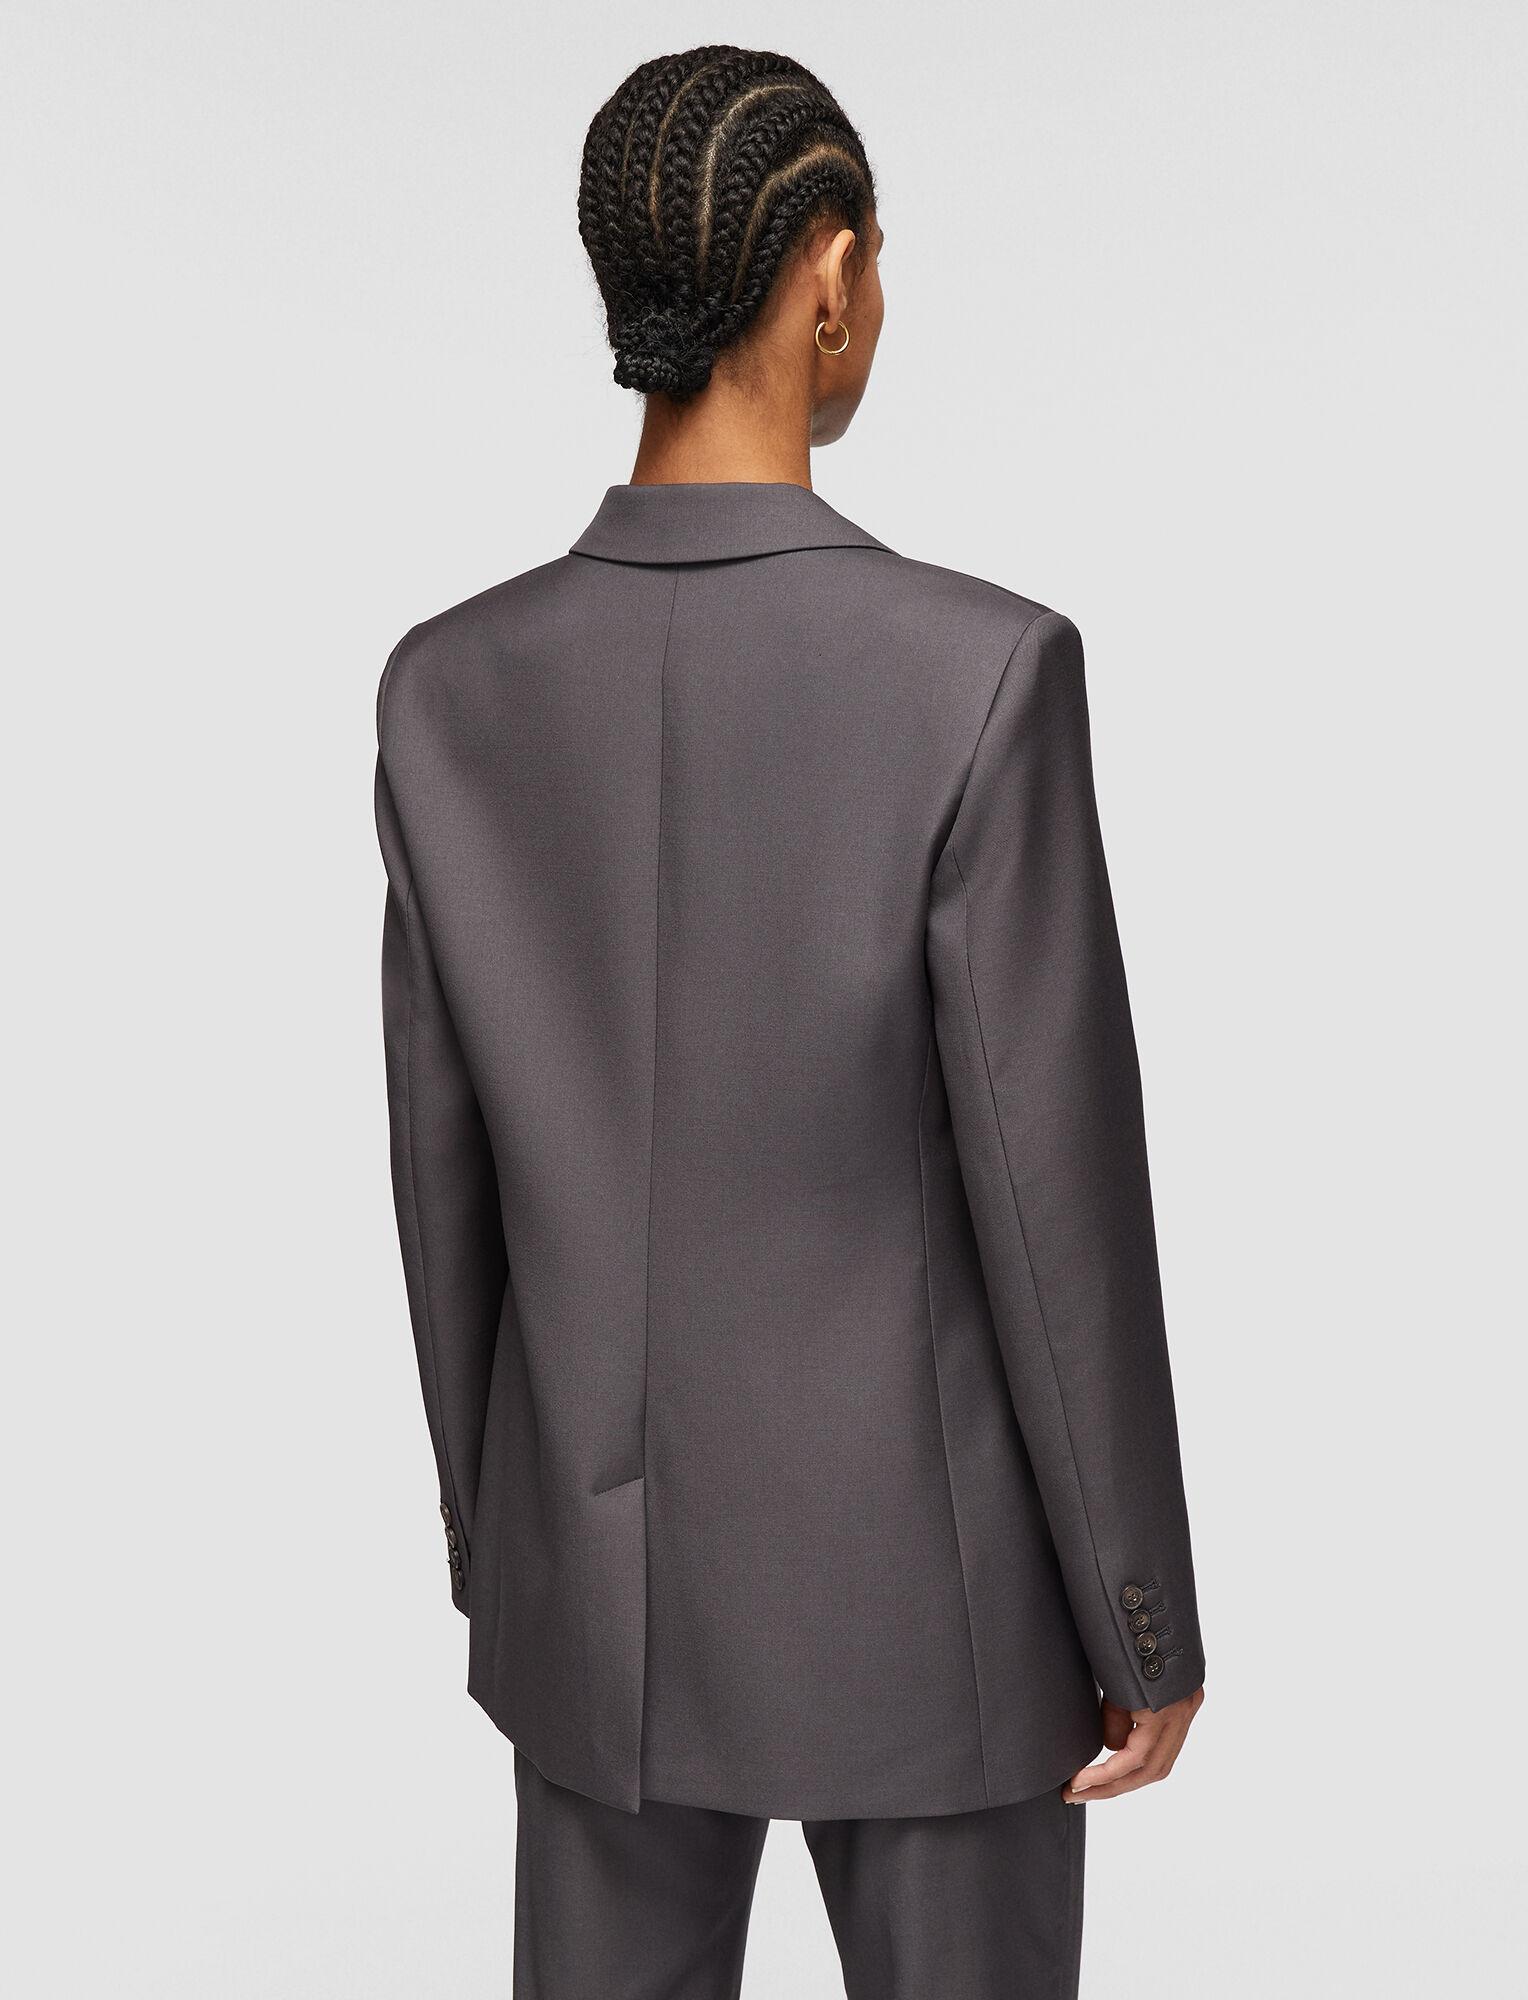 Joseph, Tailoring Wool Josina Jacket, in IRON